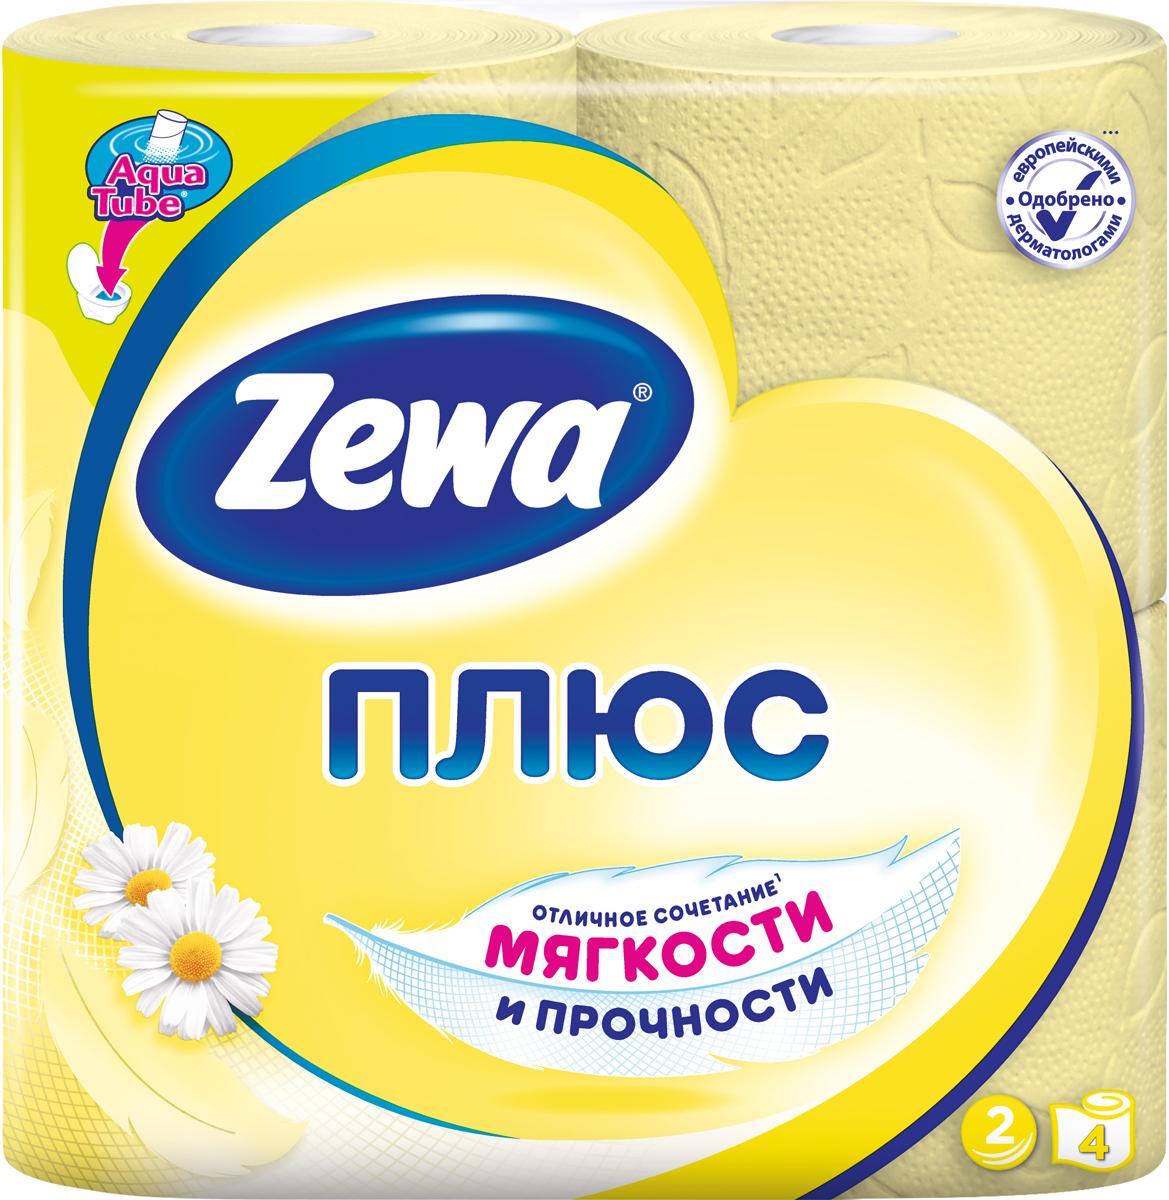 """Туалетная бумага Zewa """"Плюс. Ромашка"""" - это отличное сочетание мягкости и прочности. Желтая 2-х слойная туалетная бумага с ароматом ромашки и смываемой втулкой Aqua Tube. Бумага одобрена дерматологами и прекрасно подойдет всем членам вашей семьи - и тем, кому нужна мягкая бумага, и тем, кому важна прочность. Позаботьтесь о себе и своих близких вместе с Zewa."""